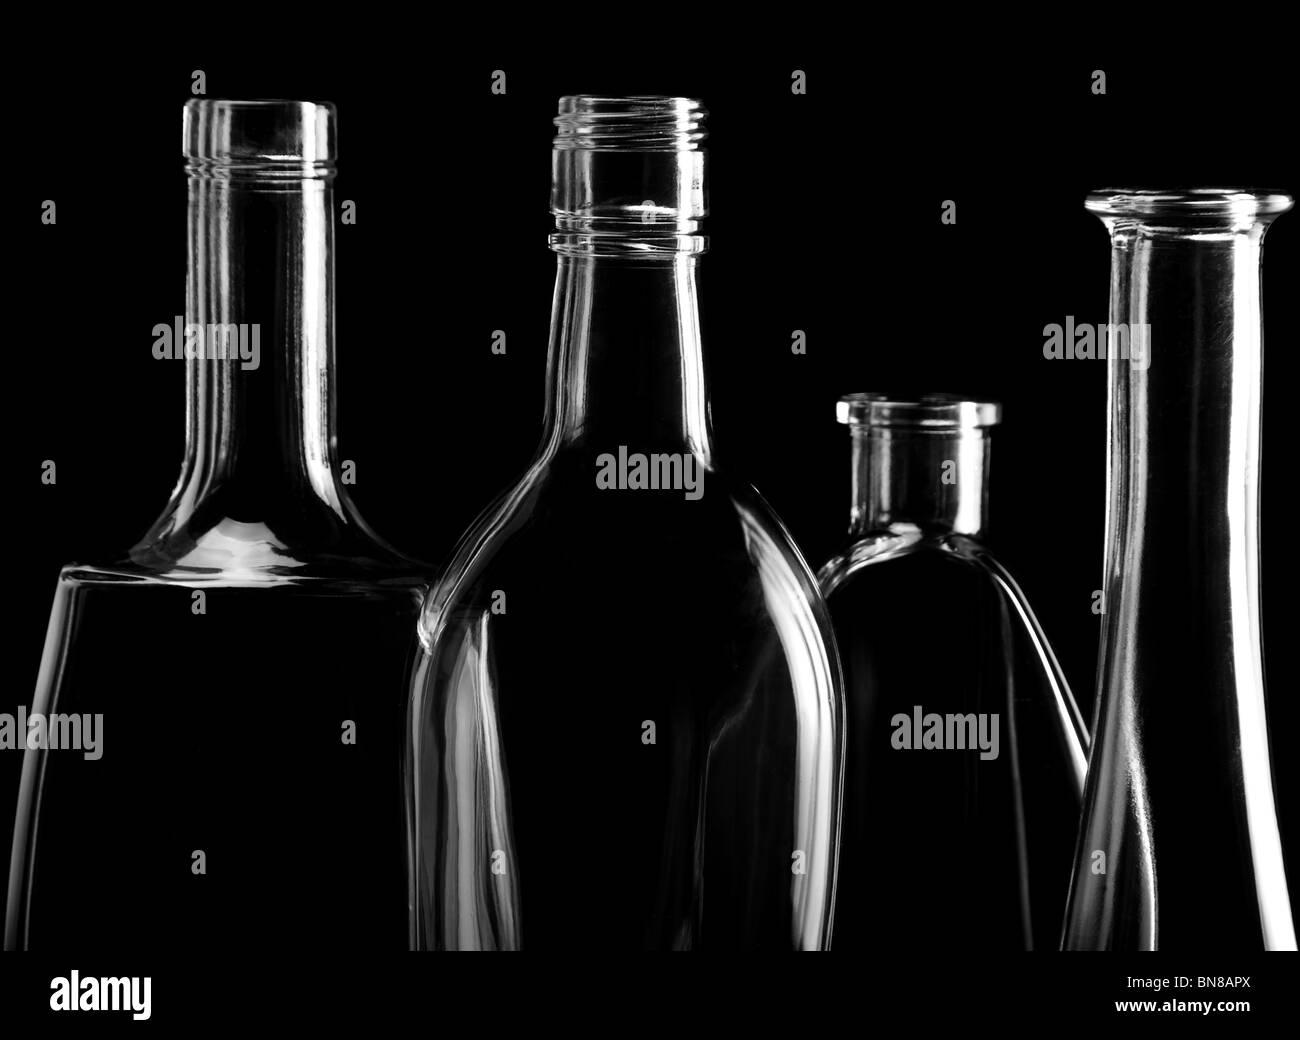 Flacon en verre transparent abstrait sur noir avec reflet Photo Stock